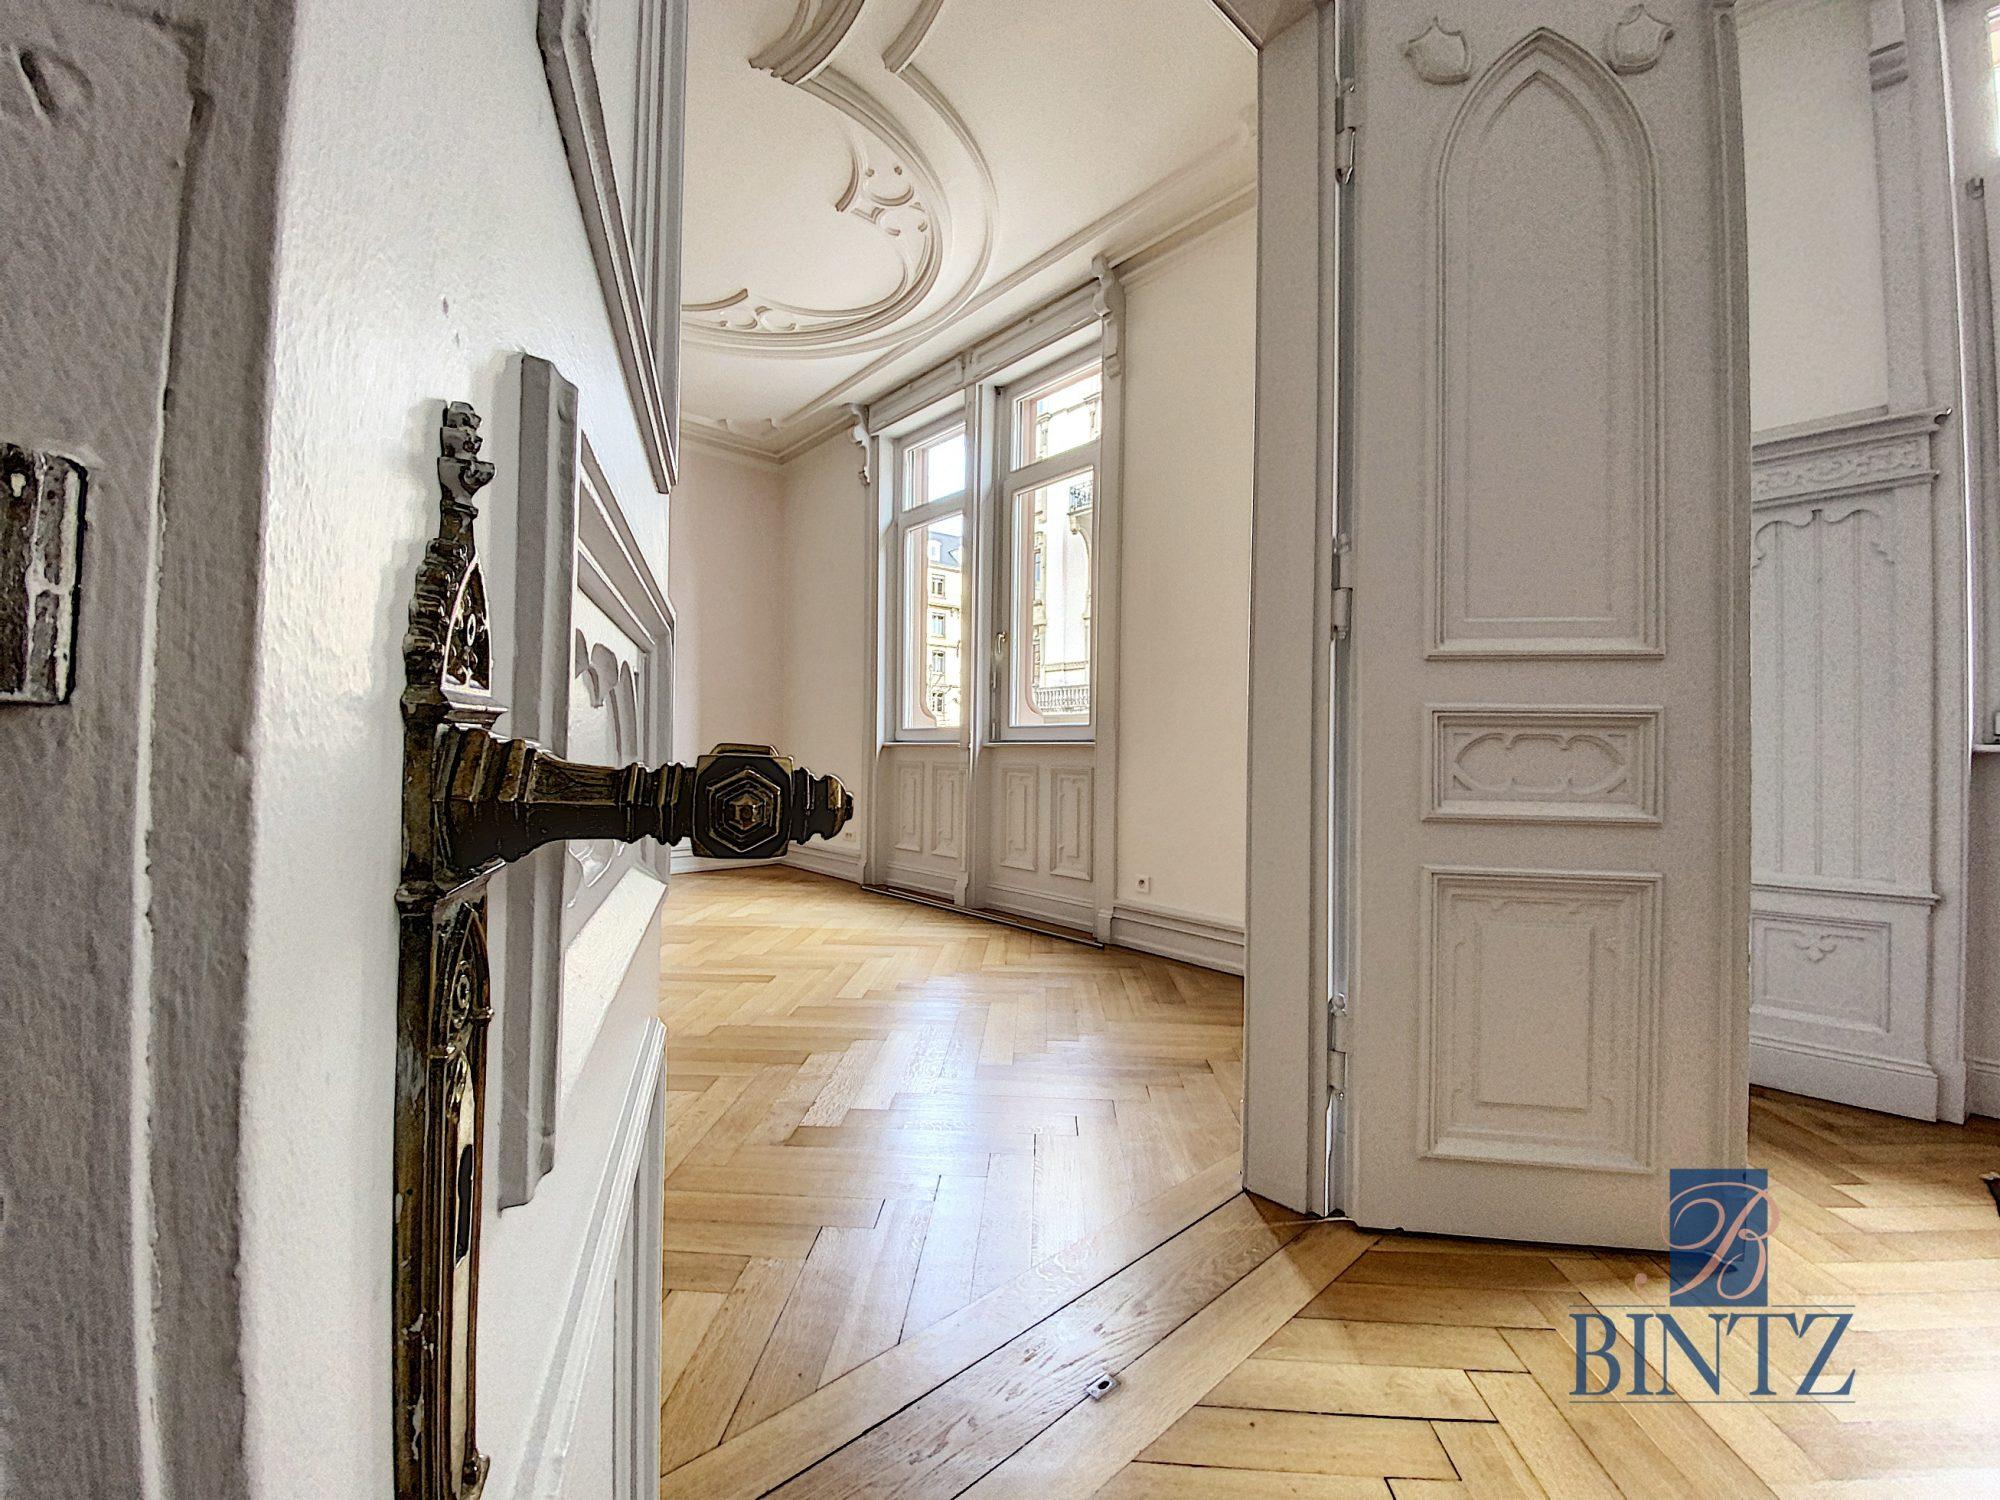 Magnifique 6 pièces de 164m2 Quartier Neustadt - Devenez propriétaire en toute confiance - Bintz Immobilier - 4